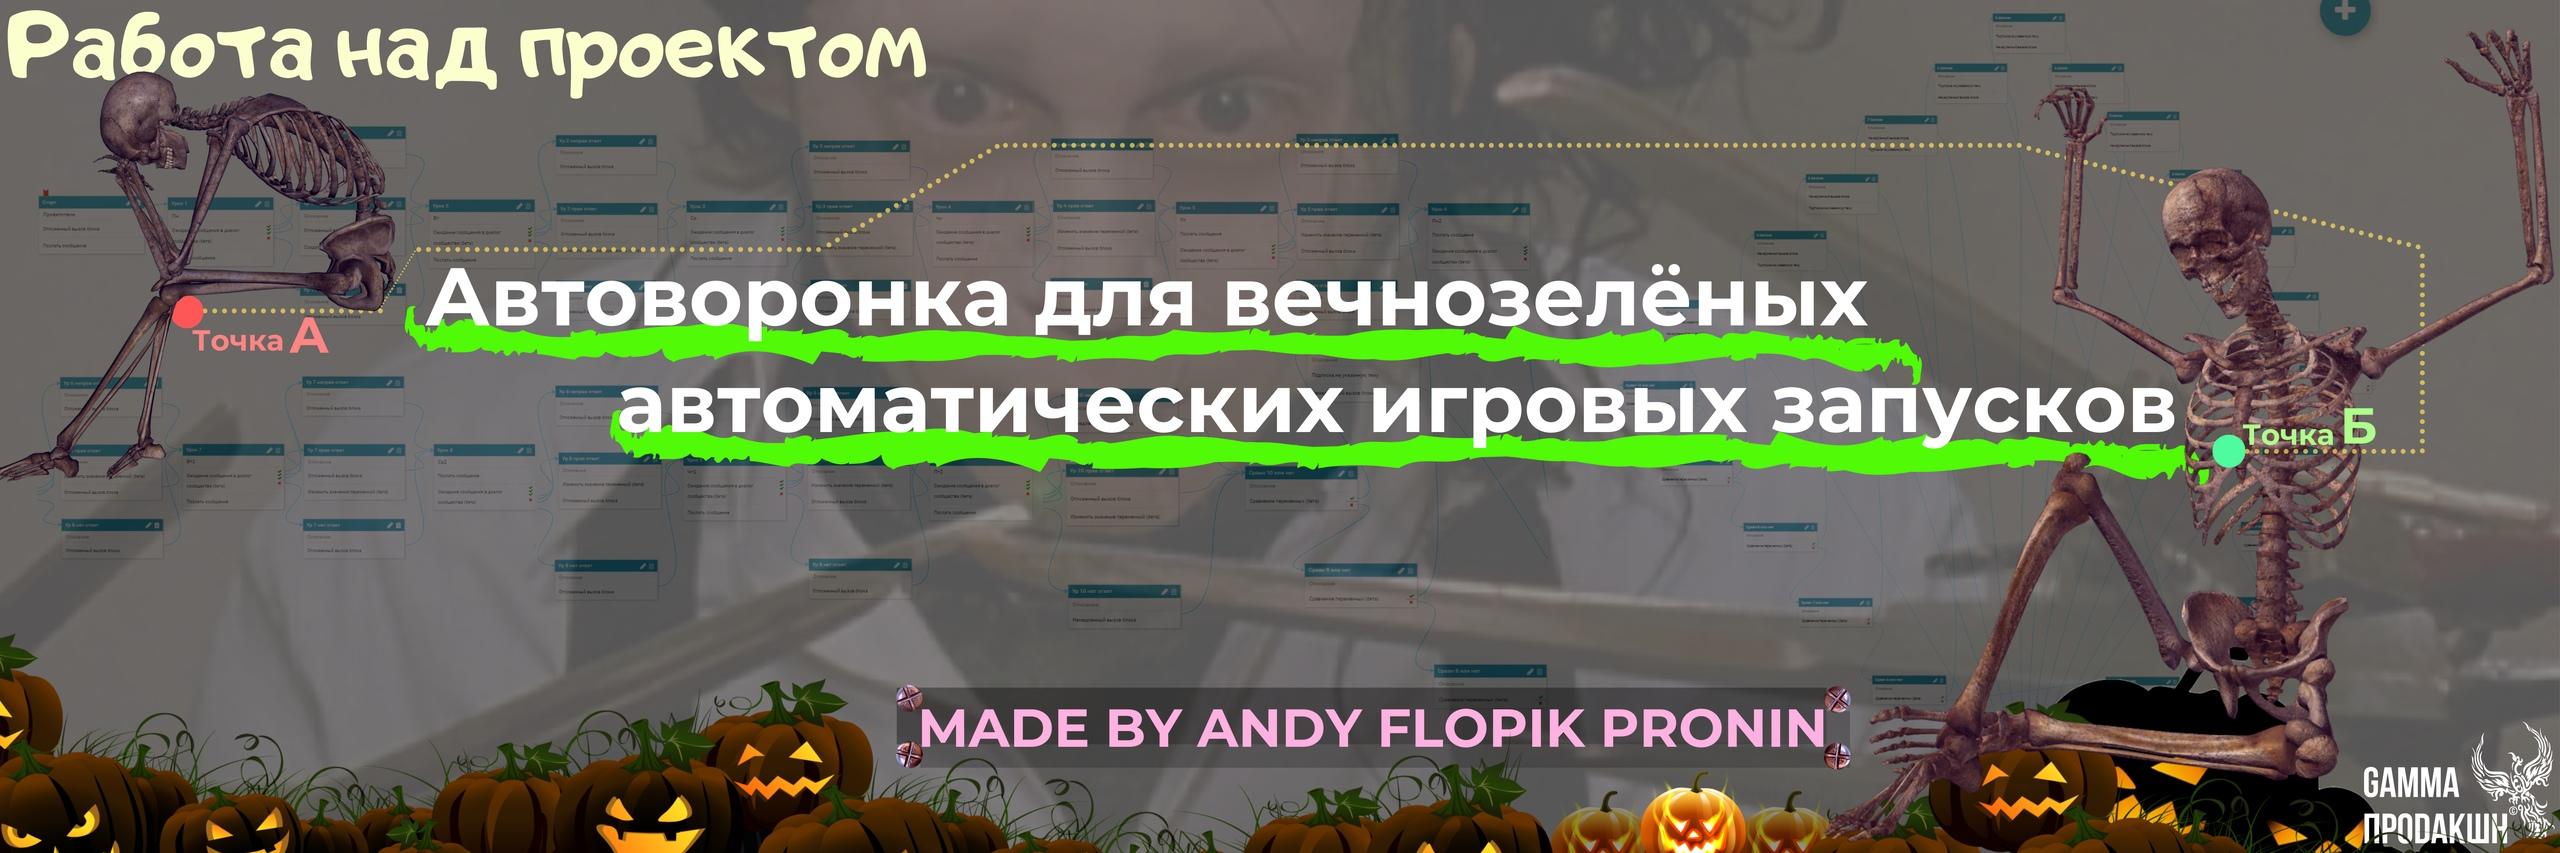 🎮 Кейс: Создание автоворонки для марафона по 3D анимации с ROI=626%, изображение №1